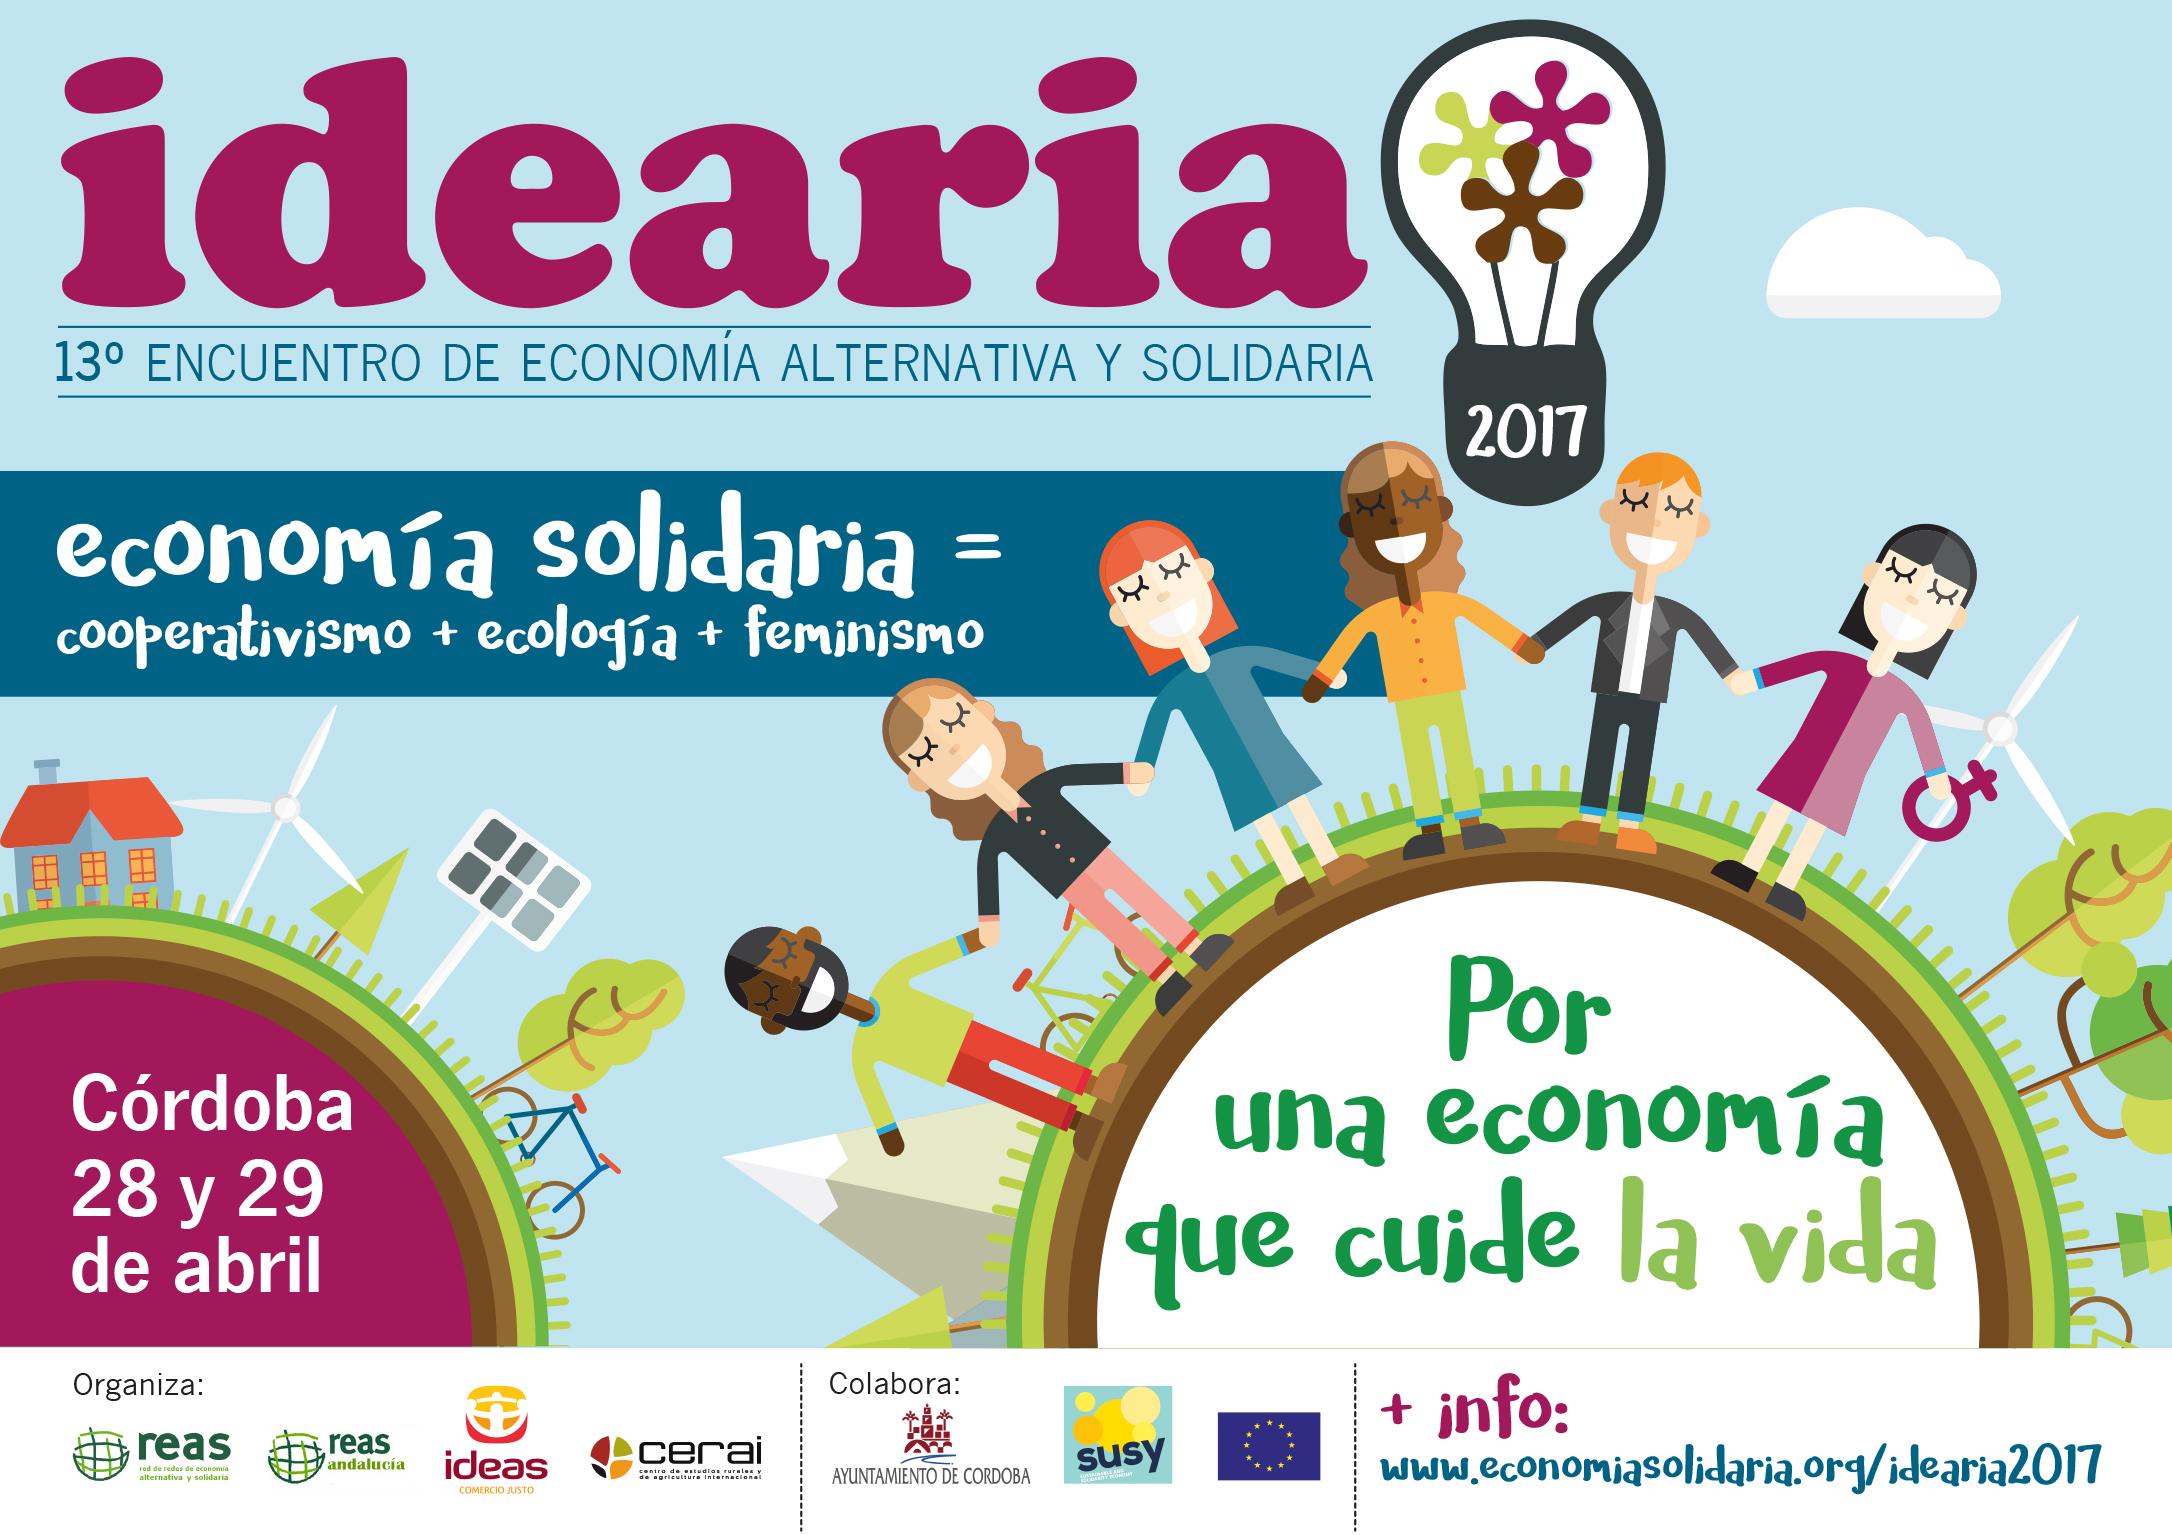 La economía feminista centrará la 13ª edición de IDEARIA en Córdoba